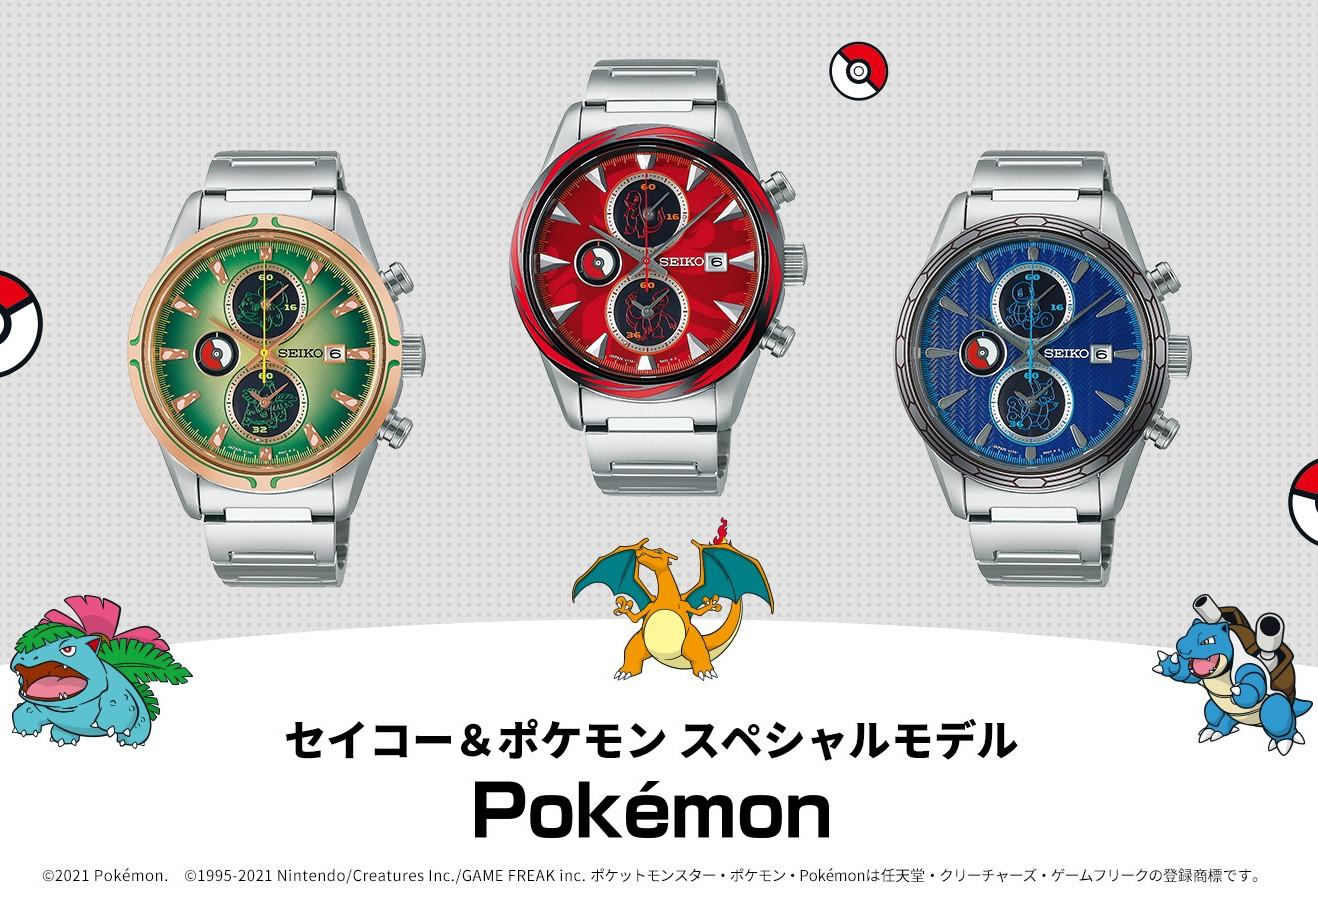 セイコーから、人気のポケモン、「フシギバナ」「リザードン」「カメックス」をモチーフにした腕時計